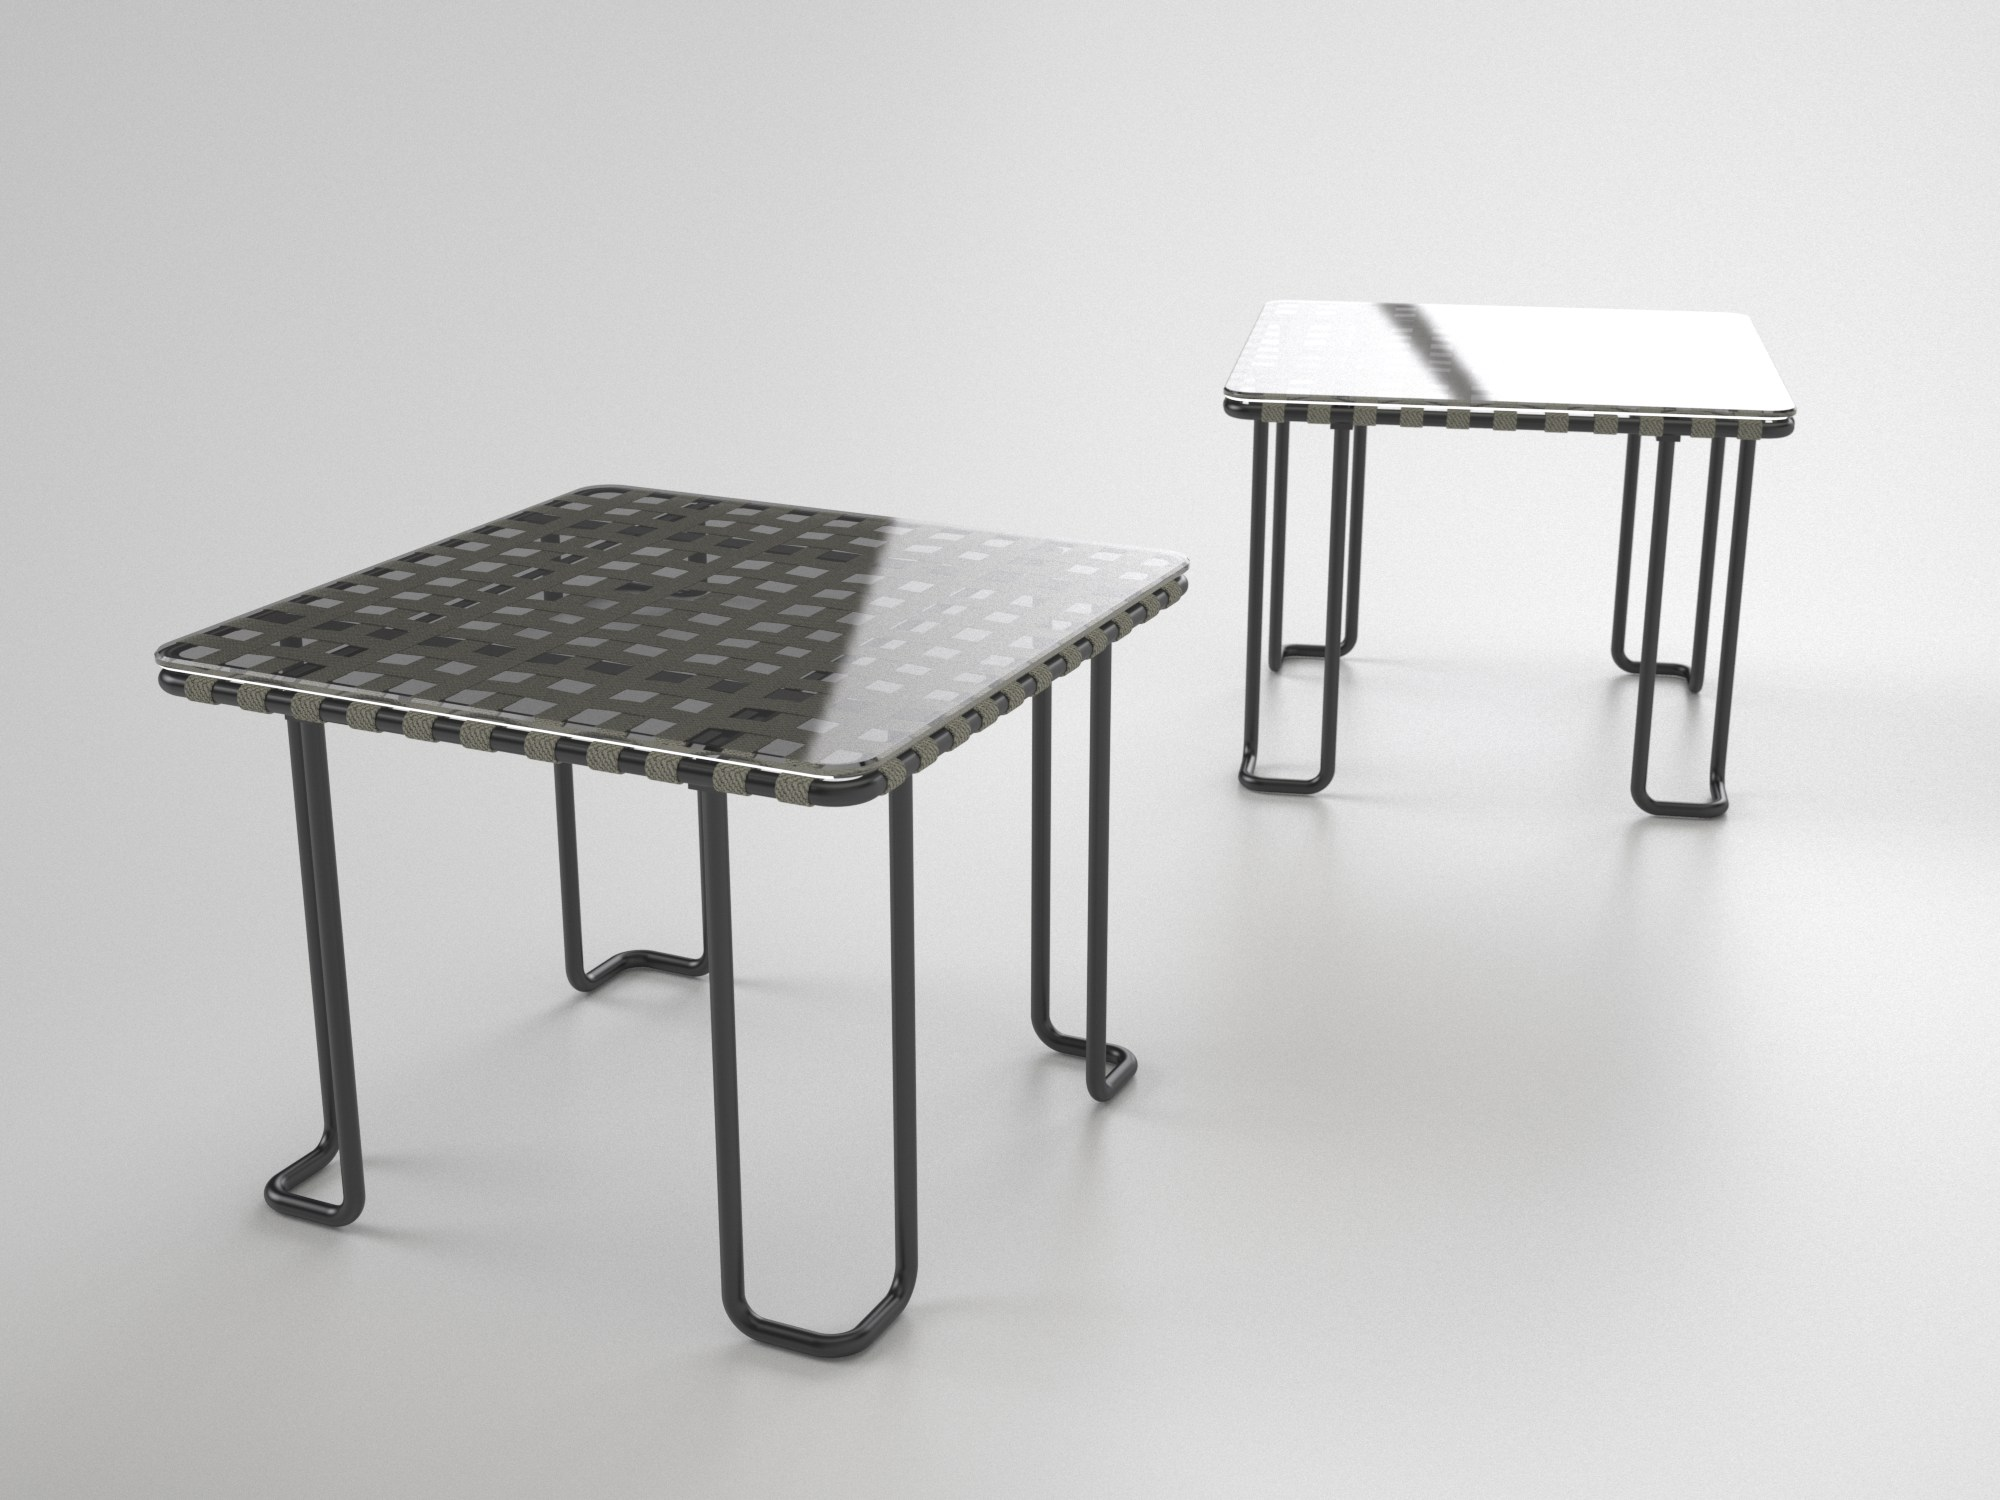 Miami tavolino di servizio by s r nit luxury monaco for Table 6 2 ar 71 32